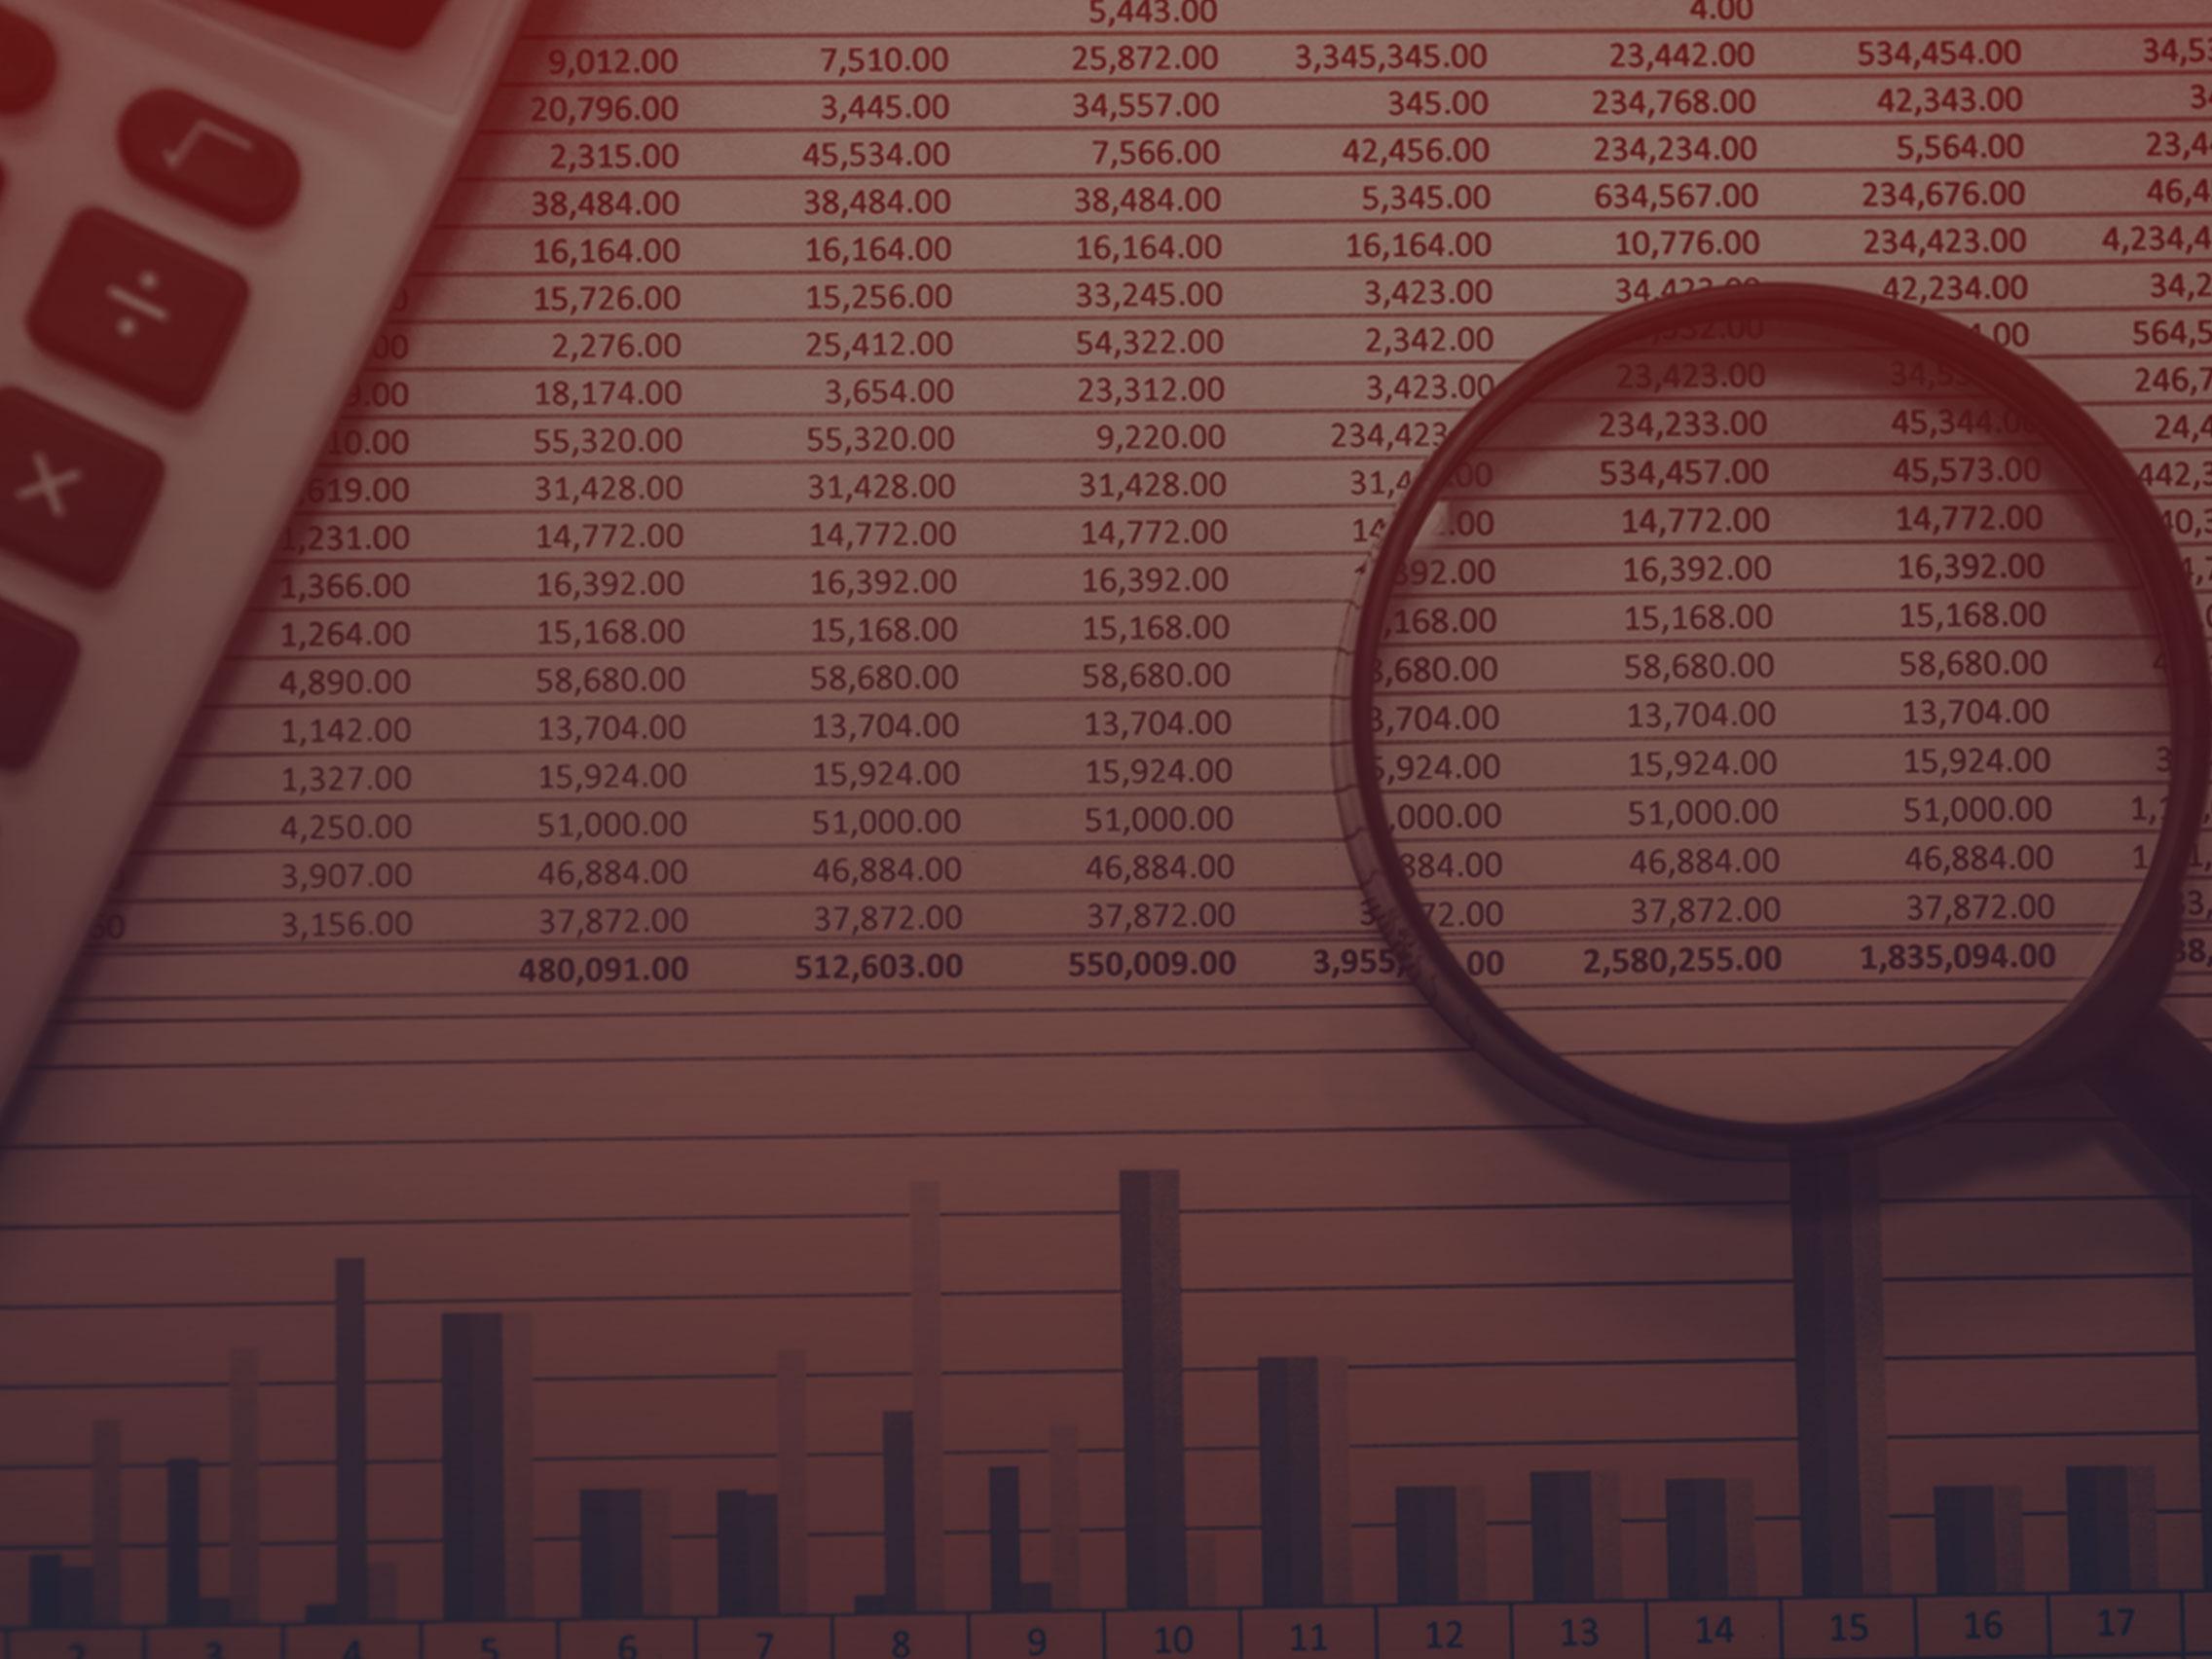 Tabelas e informativos para questões financeiras -